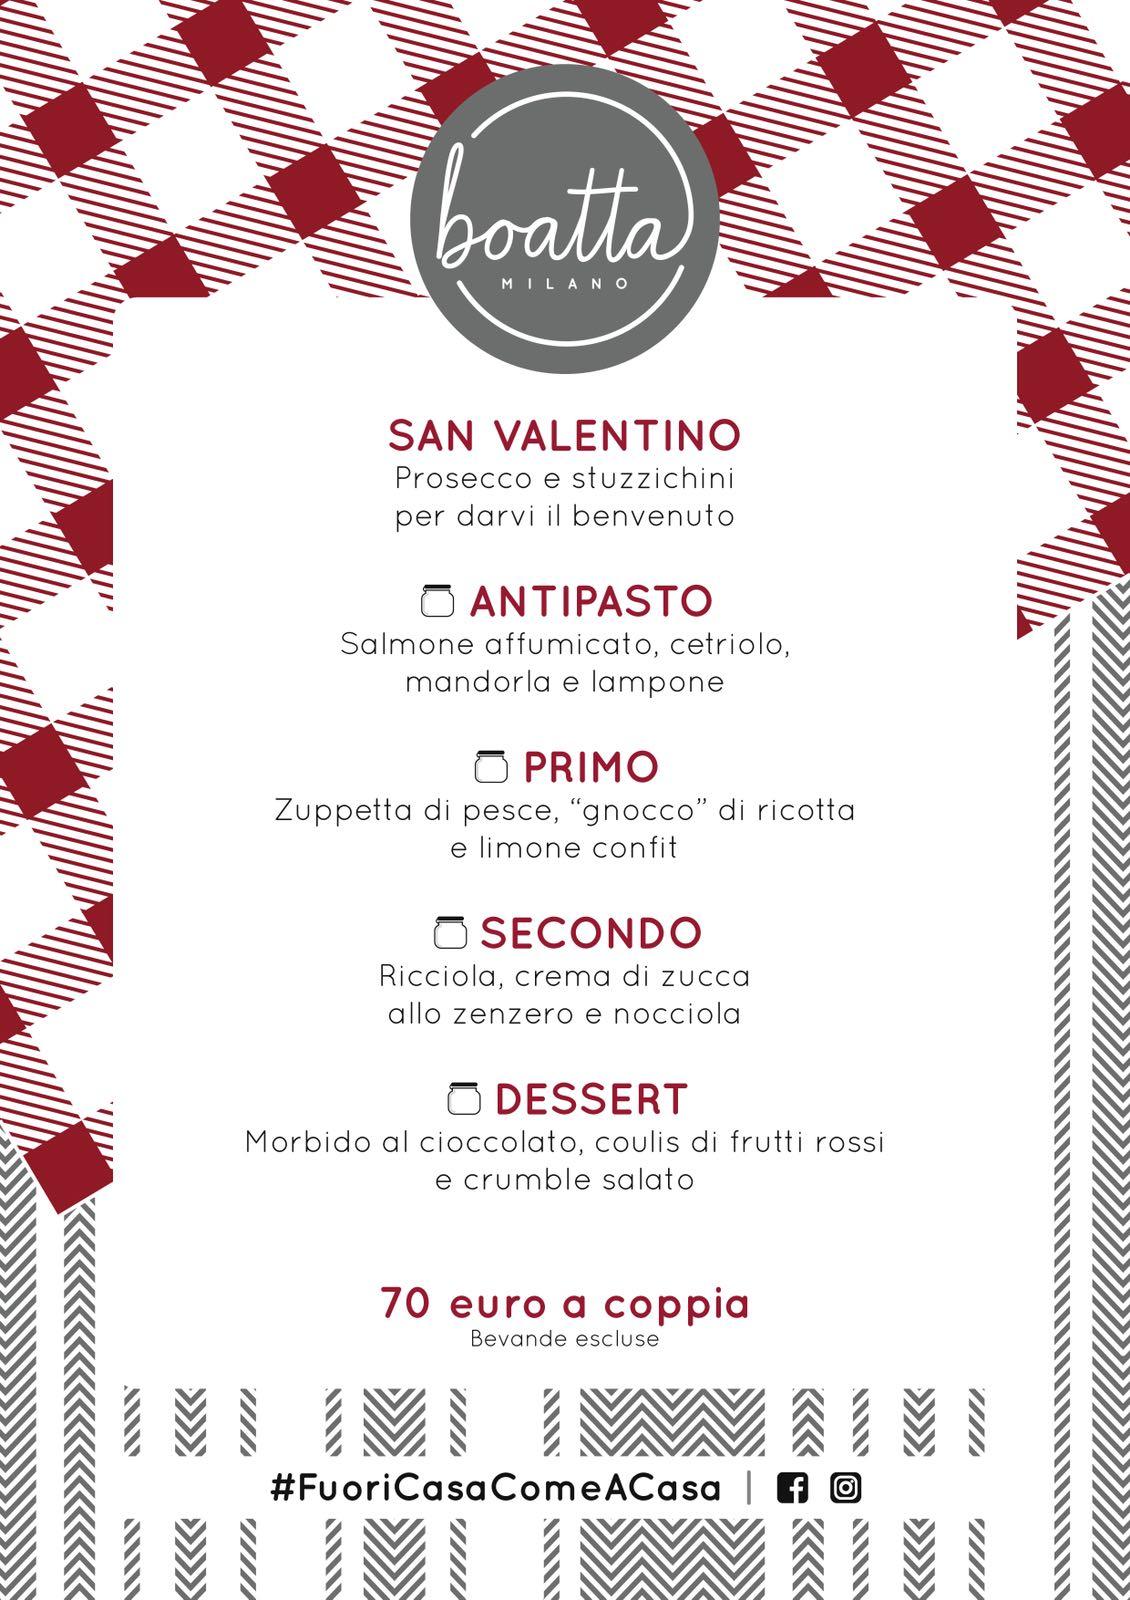 San Valentino a Milano: consigli per la tua cena romantica - Boatta Milano